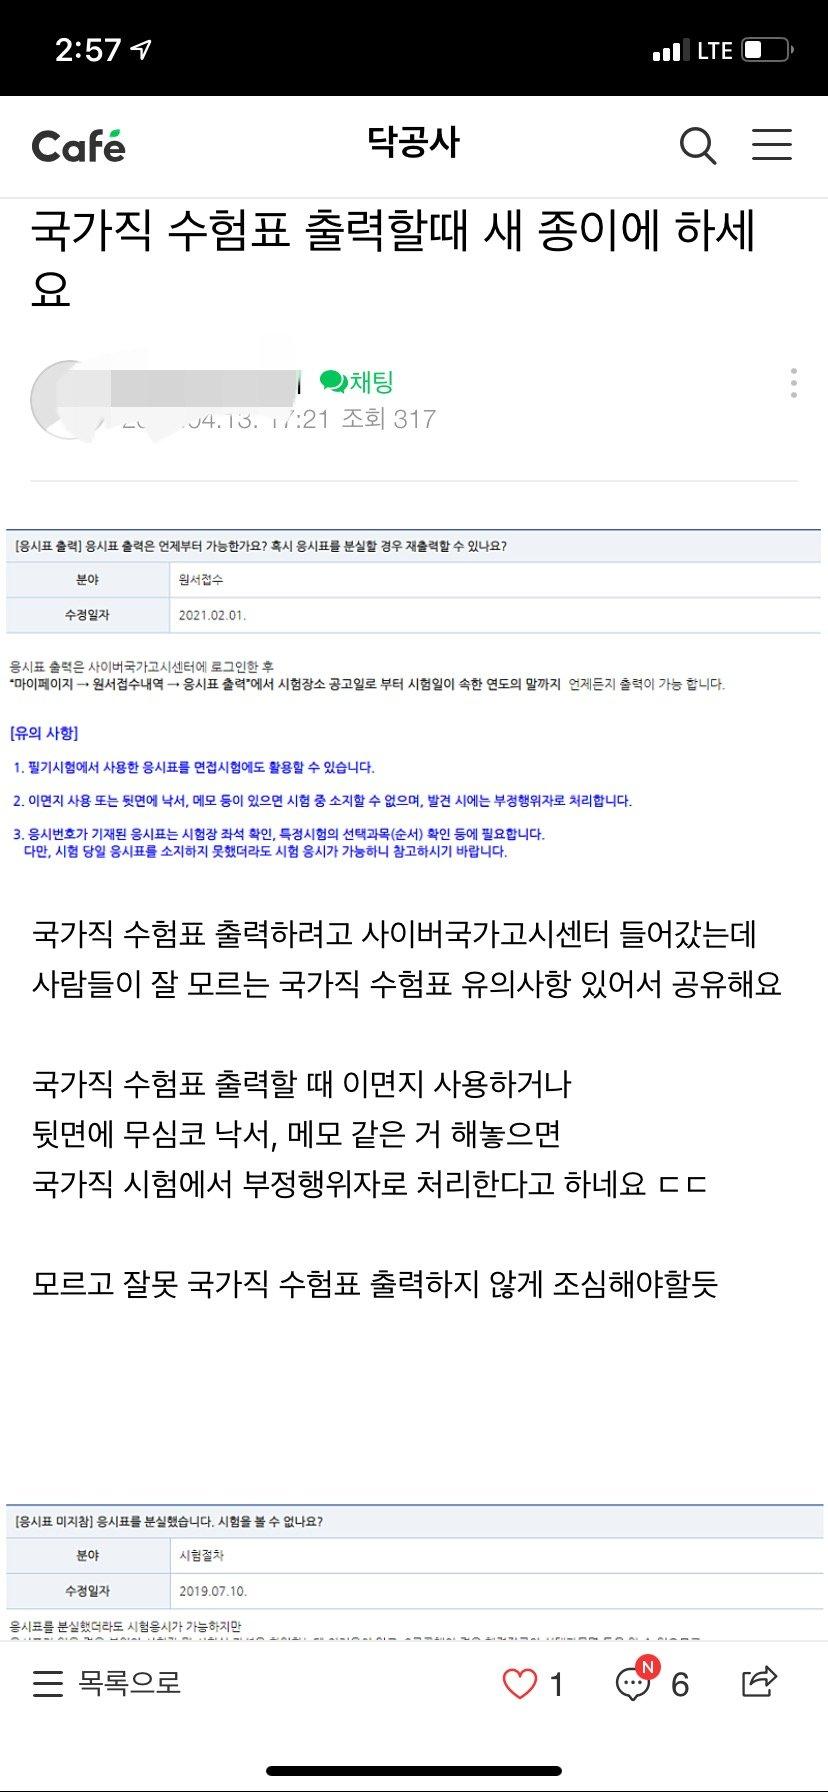 viewimage.php?id=2ab2c623f7dc35a360ab&no=24b0d769e1d32ca73cec81fa11d02831ce3cef1b9542c00ceb084720f8a5823ae5ce79b78a3b5cc85e1d7fba334d37b4947f731cd332de5c6dcaea58ad3100a16f804461a51cd11f014289eddf91a7271ec550cf2247429323a11fc57fd0c3366c611b6063ea8b3c543fe9